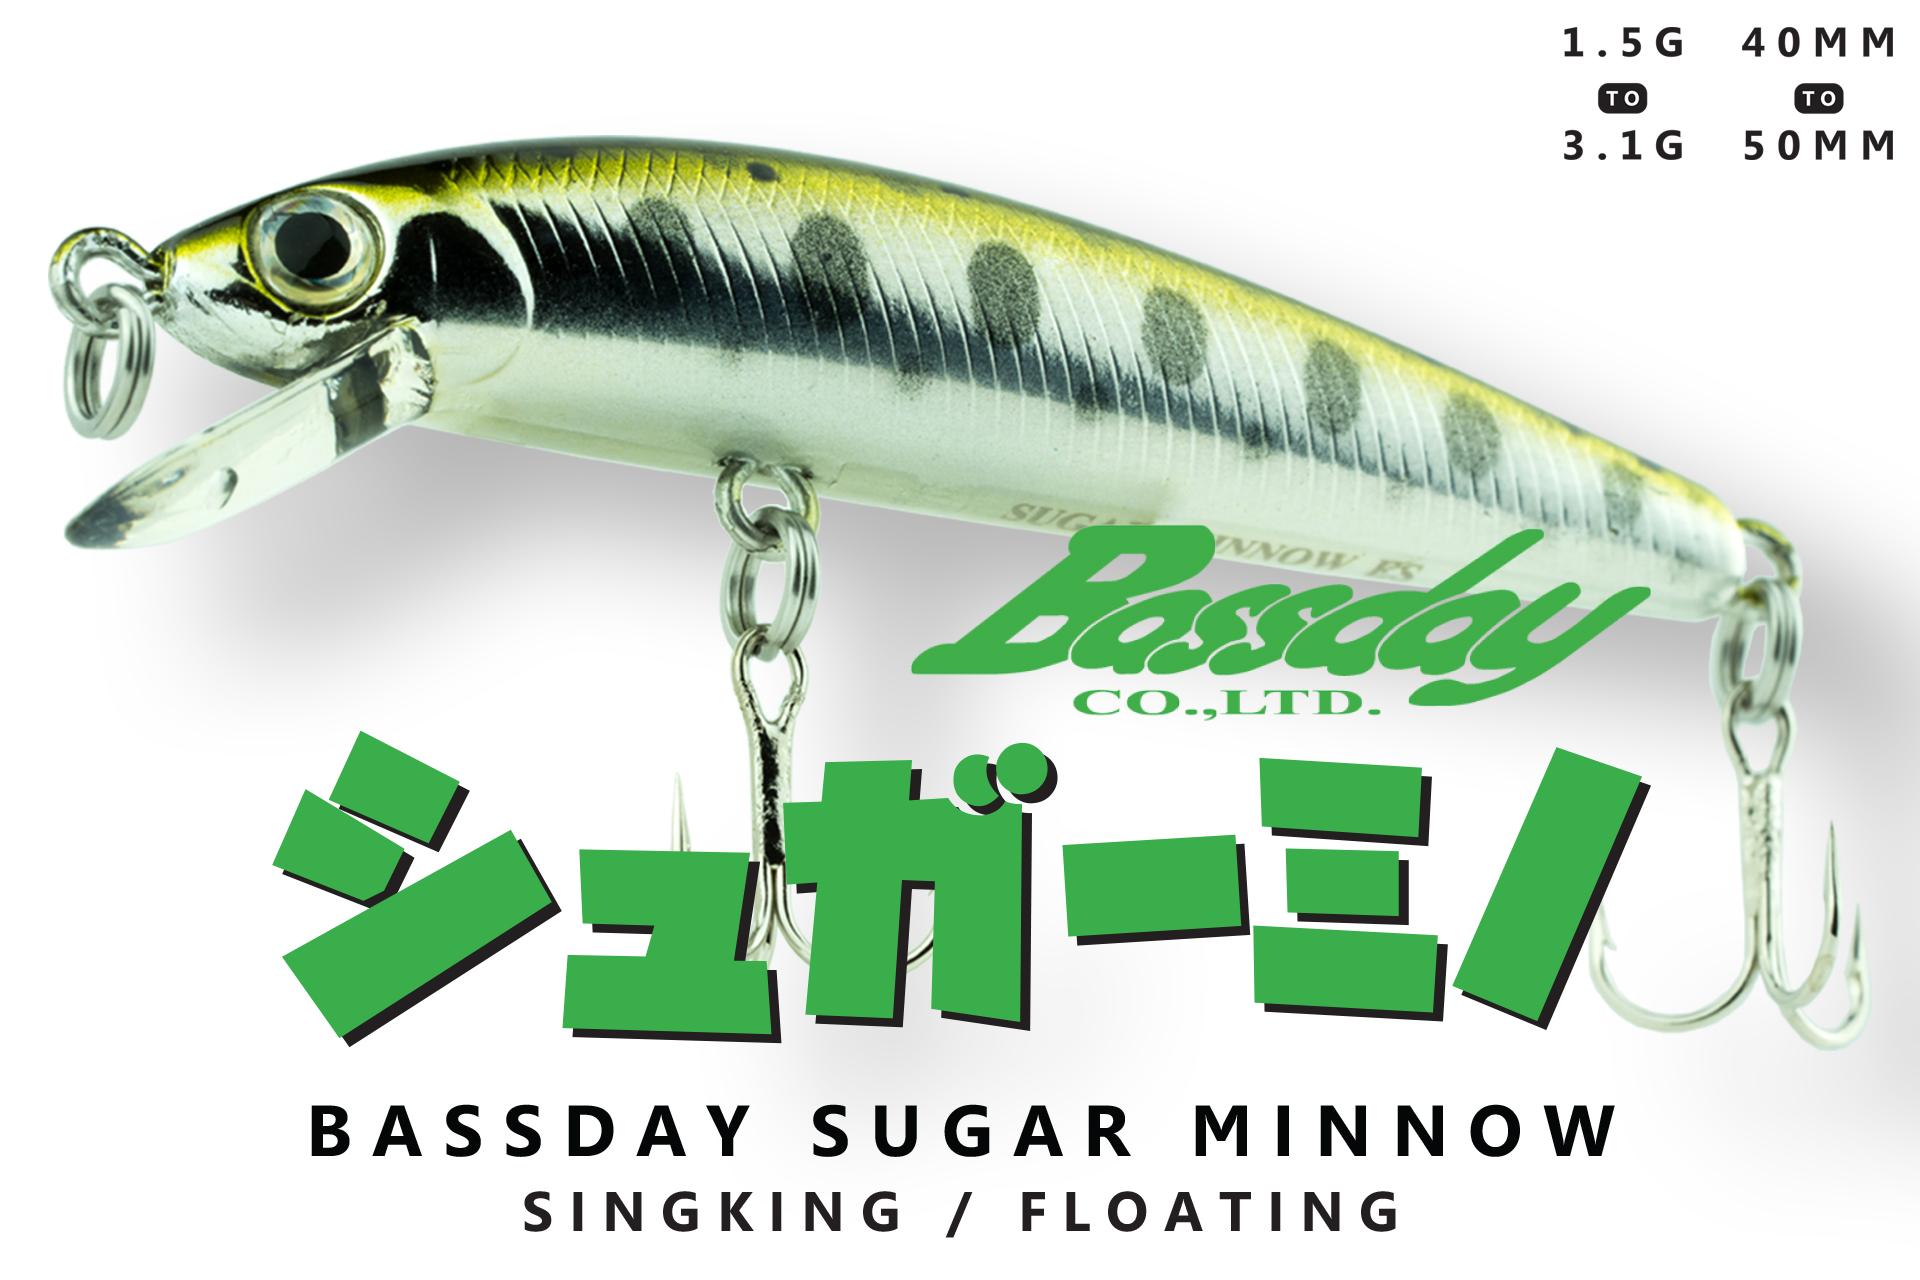 Bassday Sugar Minnow